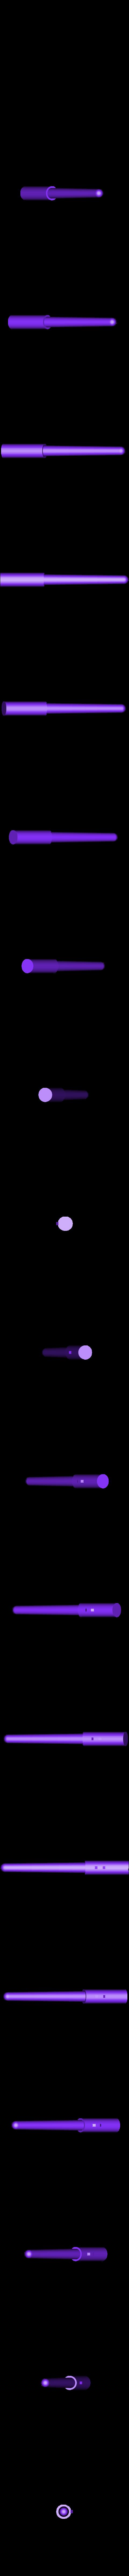 penquin_lightsaber.stl Download free STL file Mini Lightsaber • 3D printable object, FunnyJohnnyPrinter